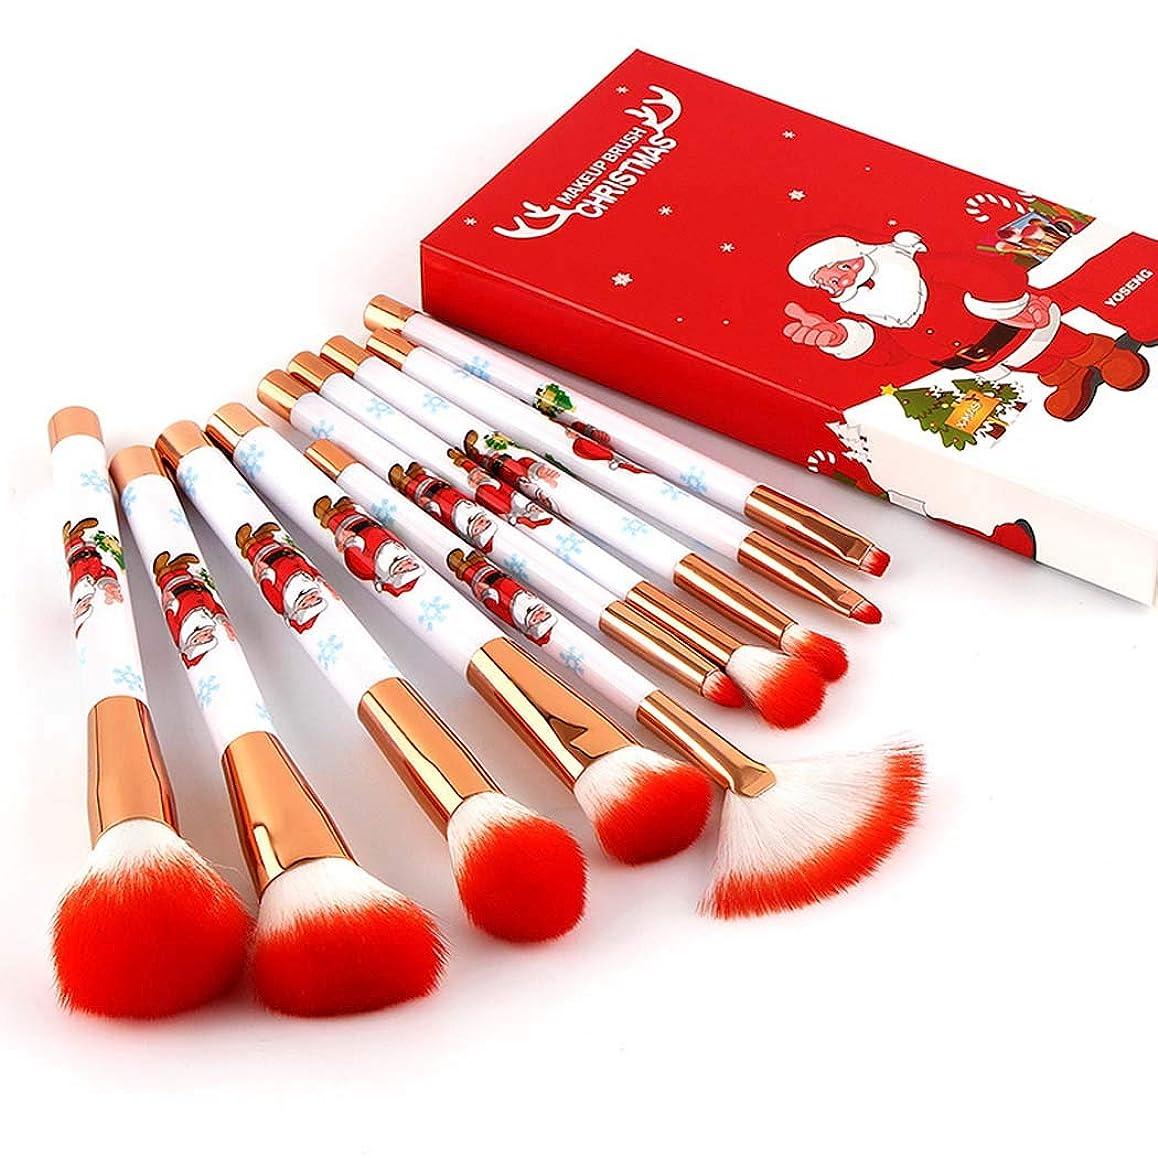 方言荷物星メイクアップ Brushes10 クリスマスメイクブラシセットポータブルメイクアップツール,Red